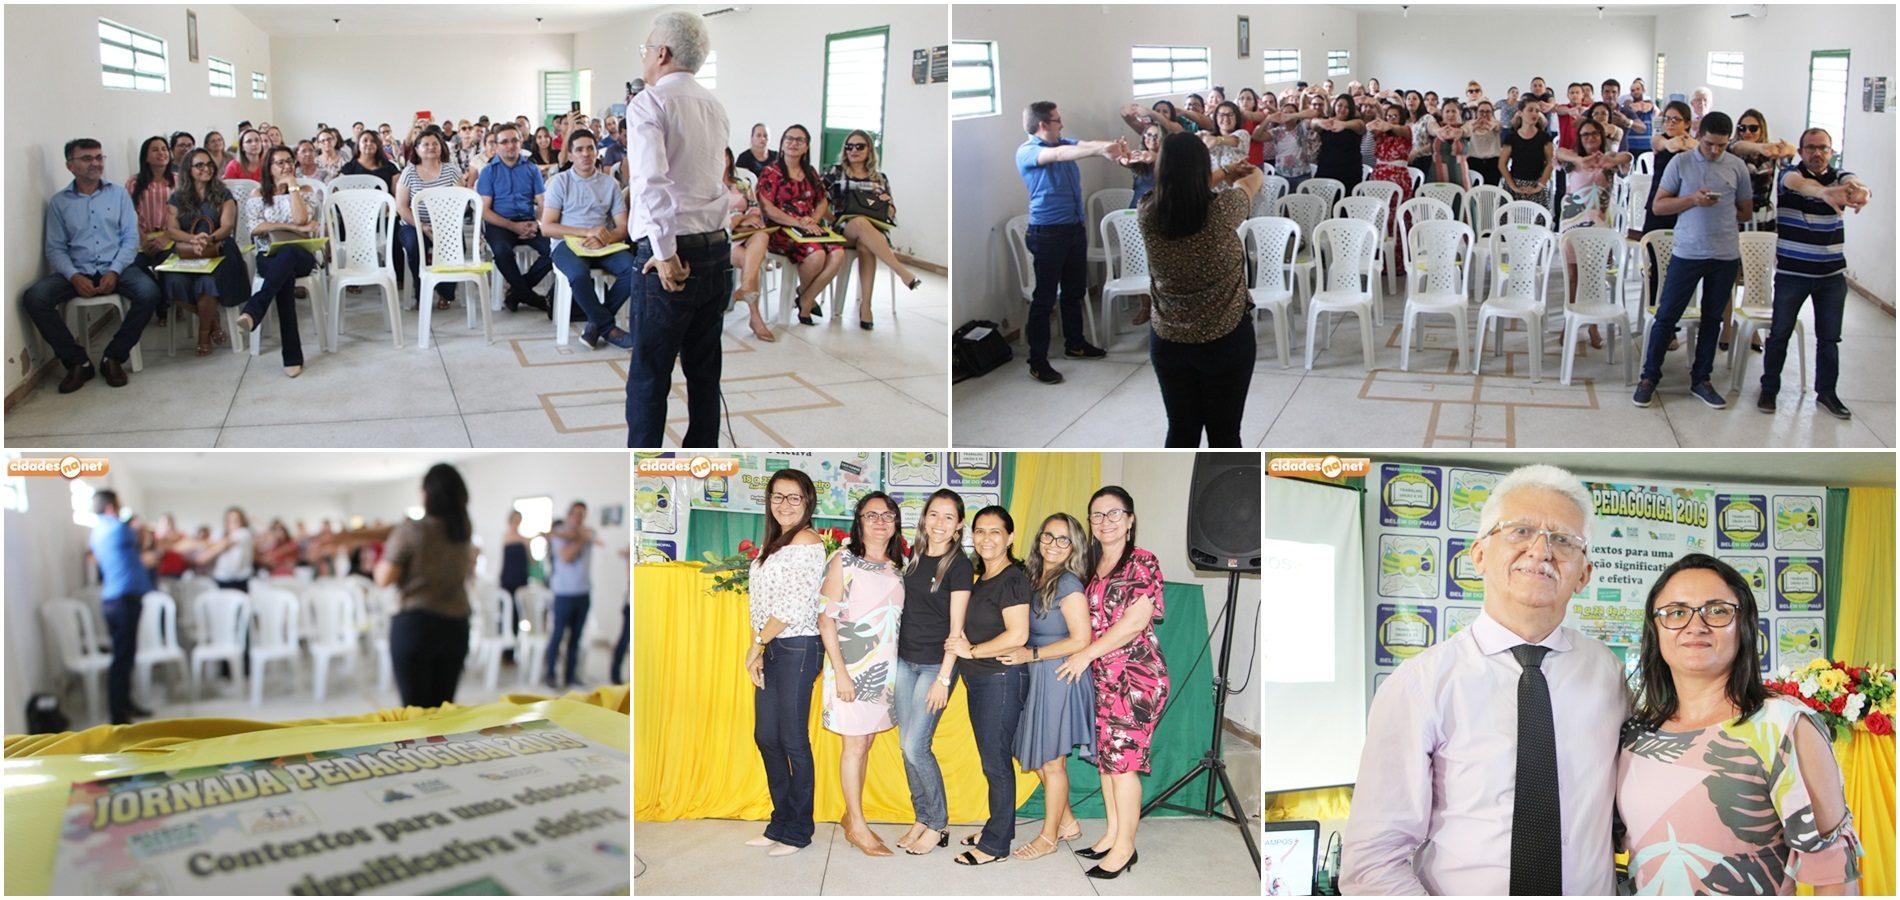 Palestras marcam abertura da Jornada Pedagógica em Belém do Piauí